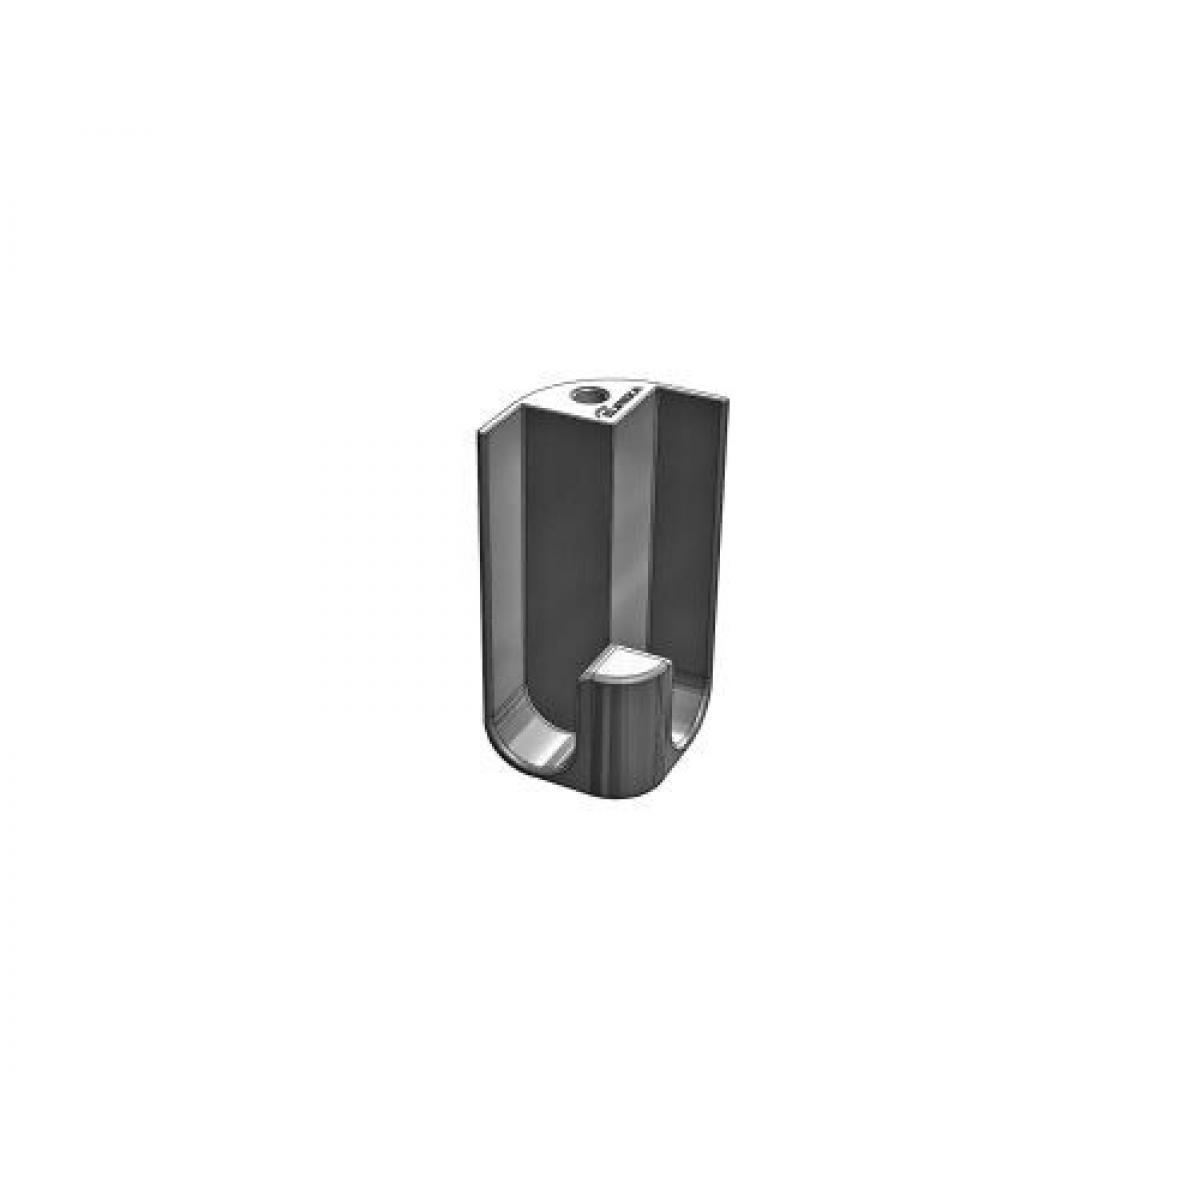 Stilos 6087 угловой держатель гардеробных штанг